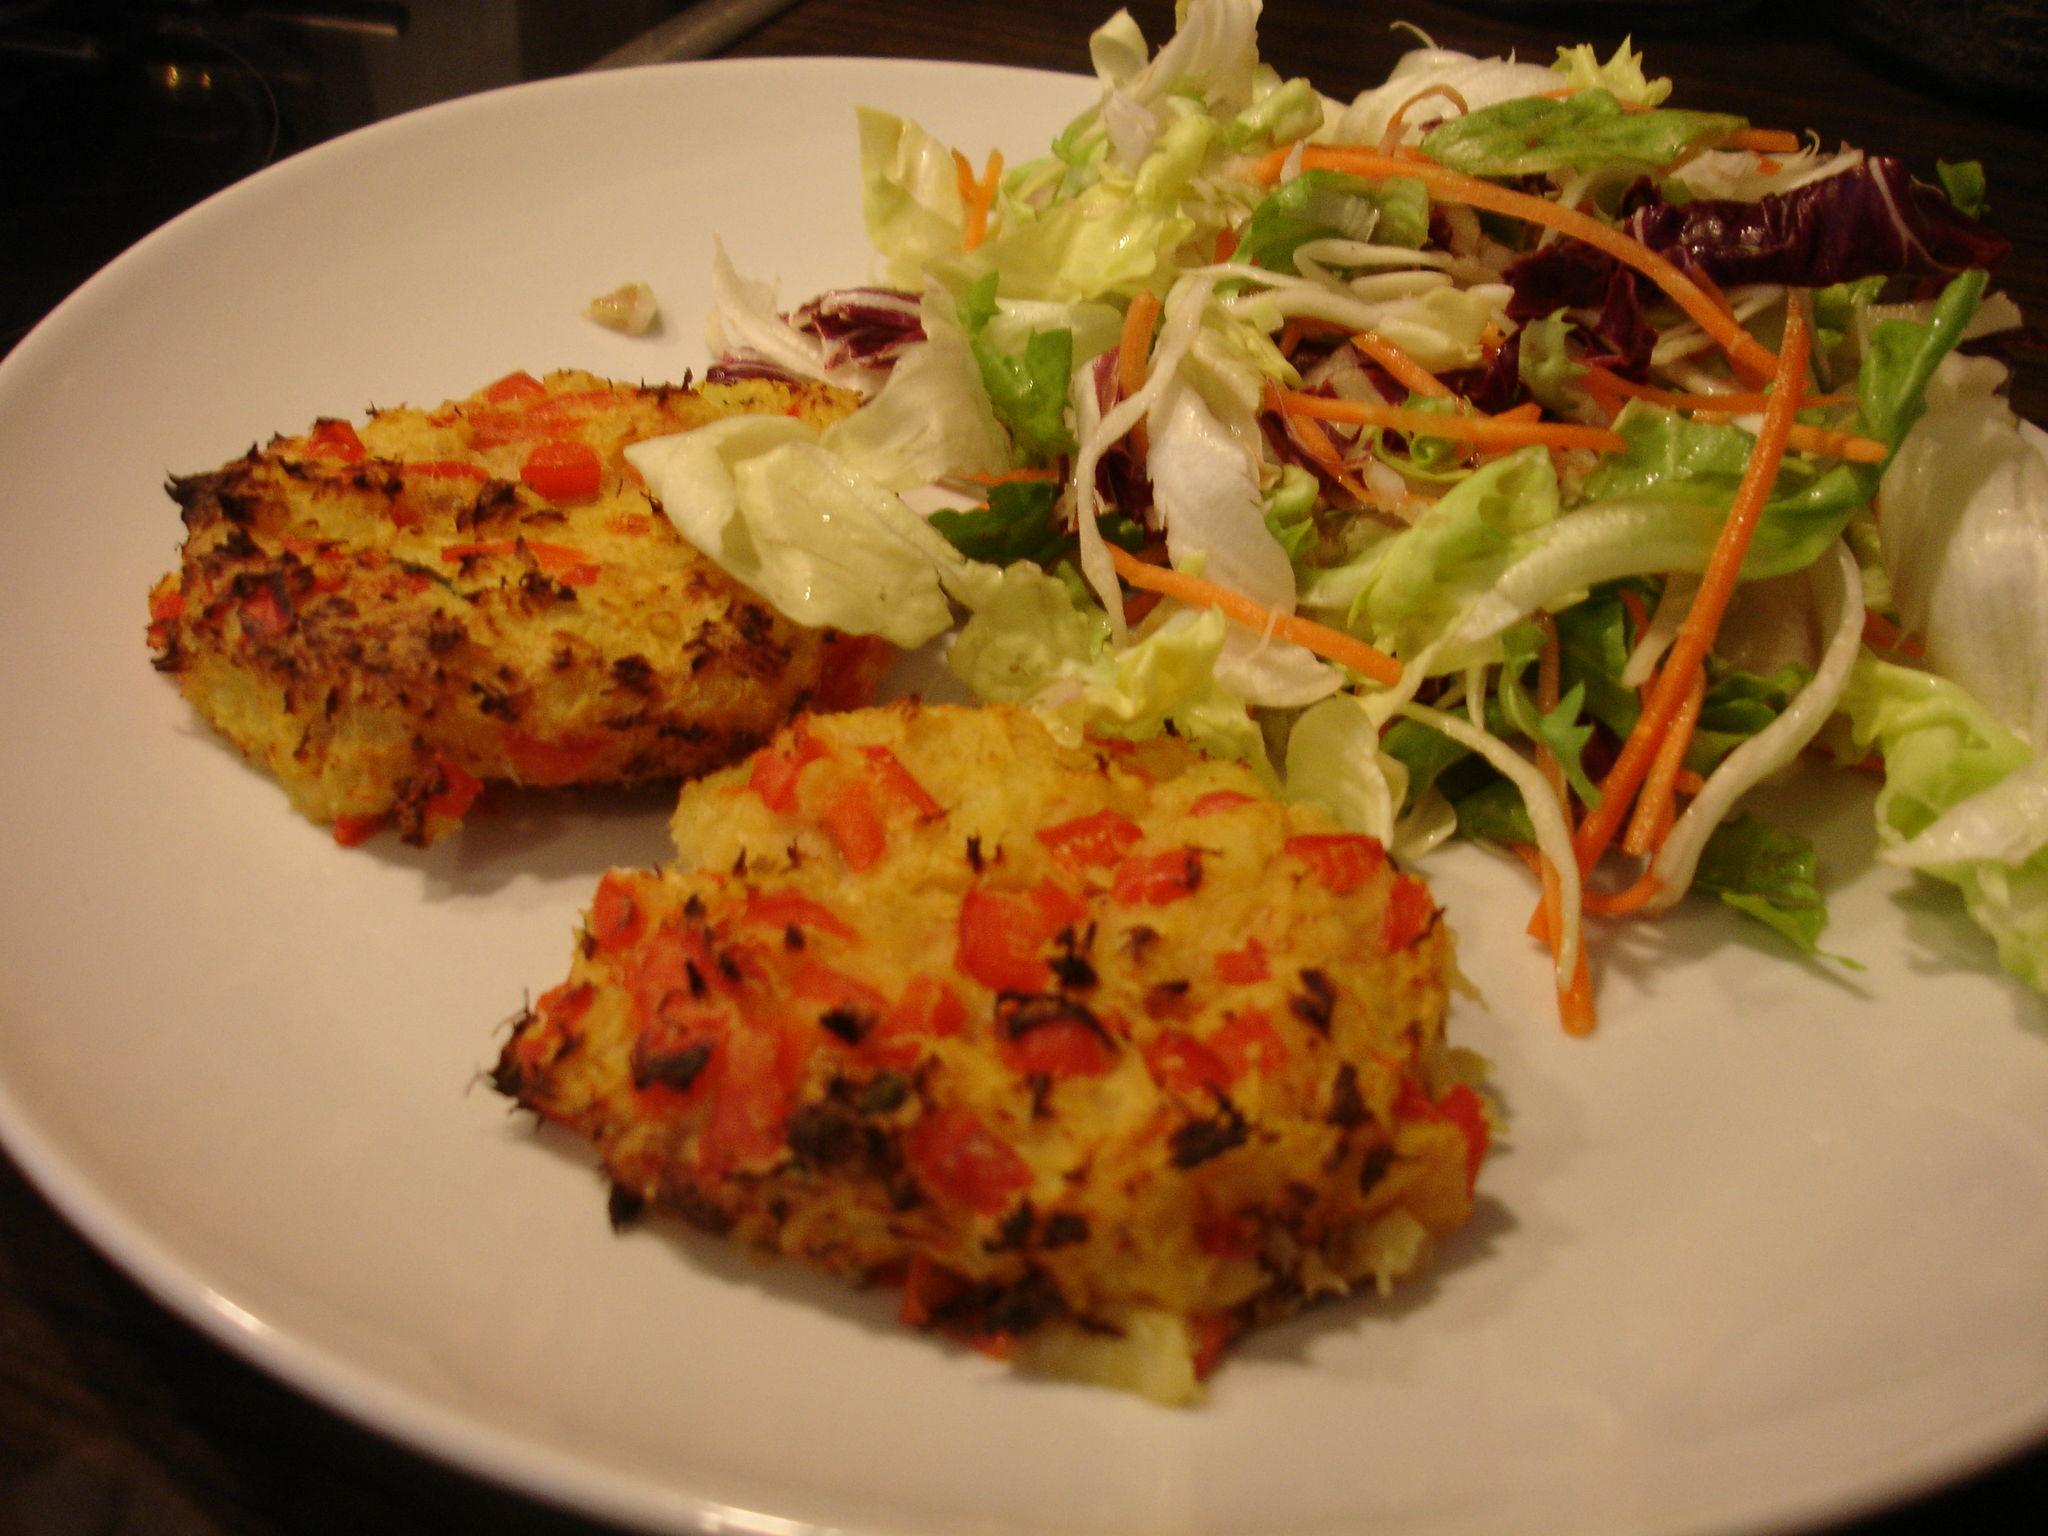 Poissons la cuisine sans lactose for Accompagnement cuisine